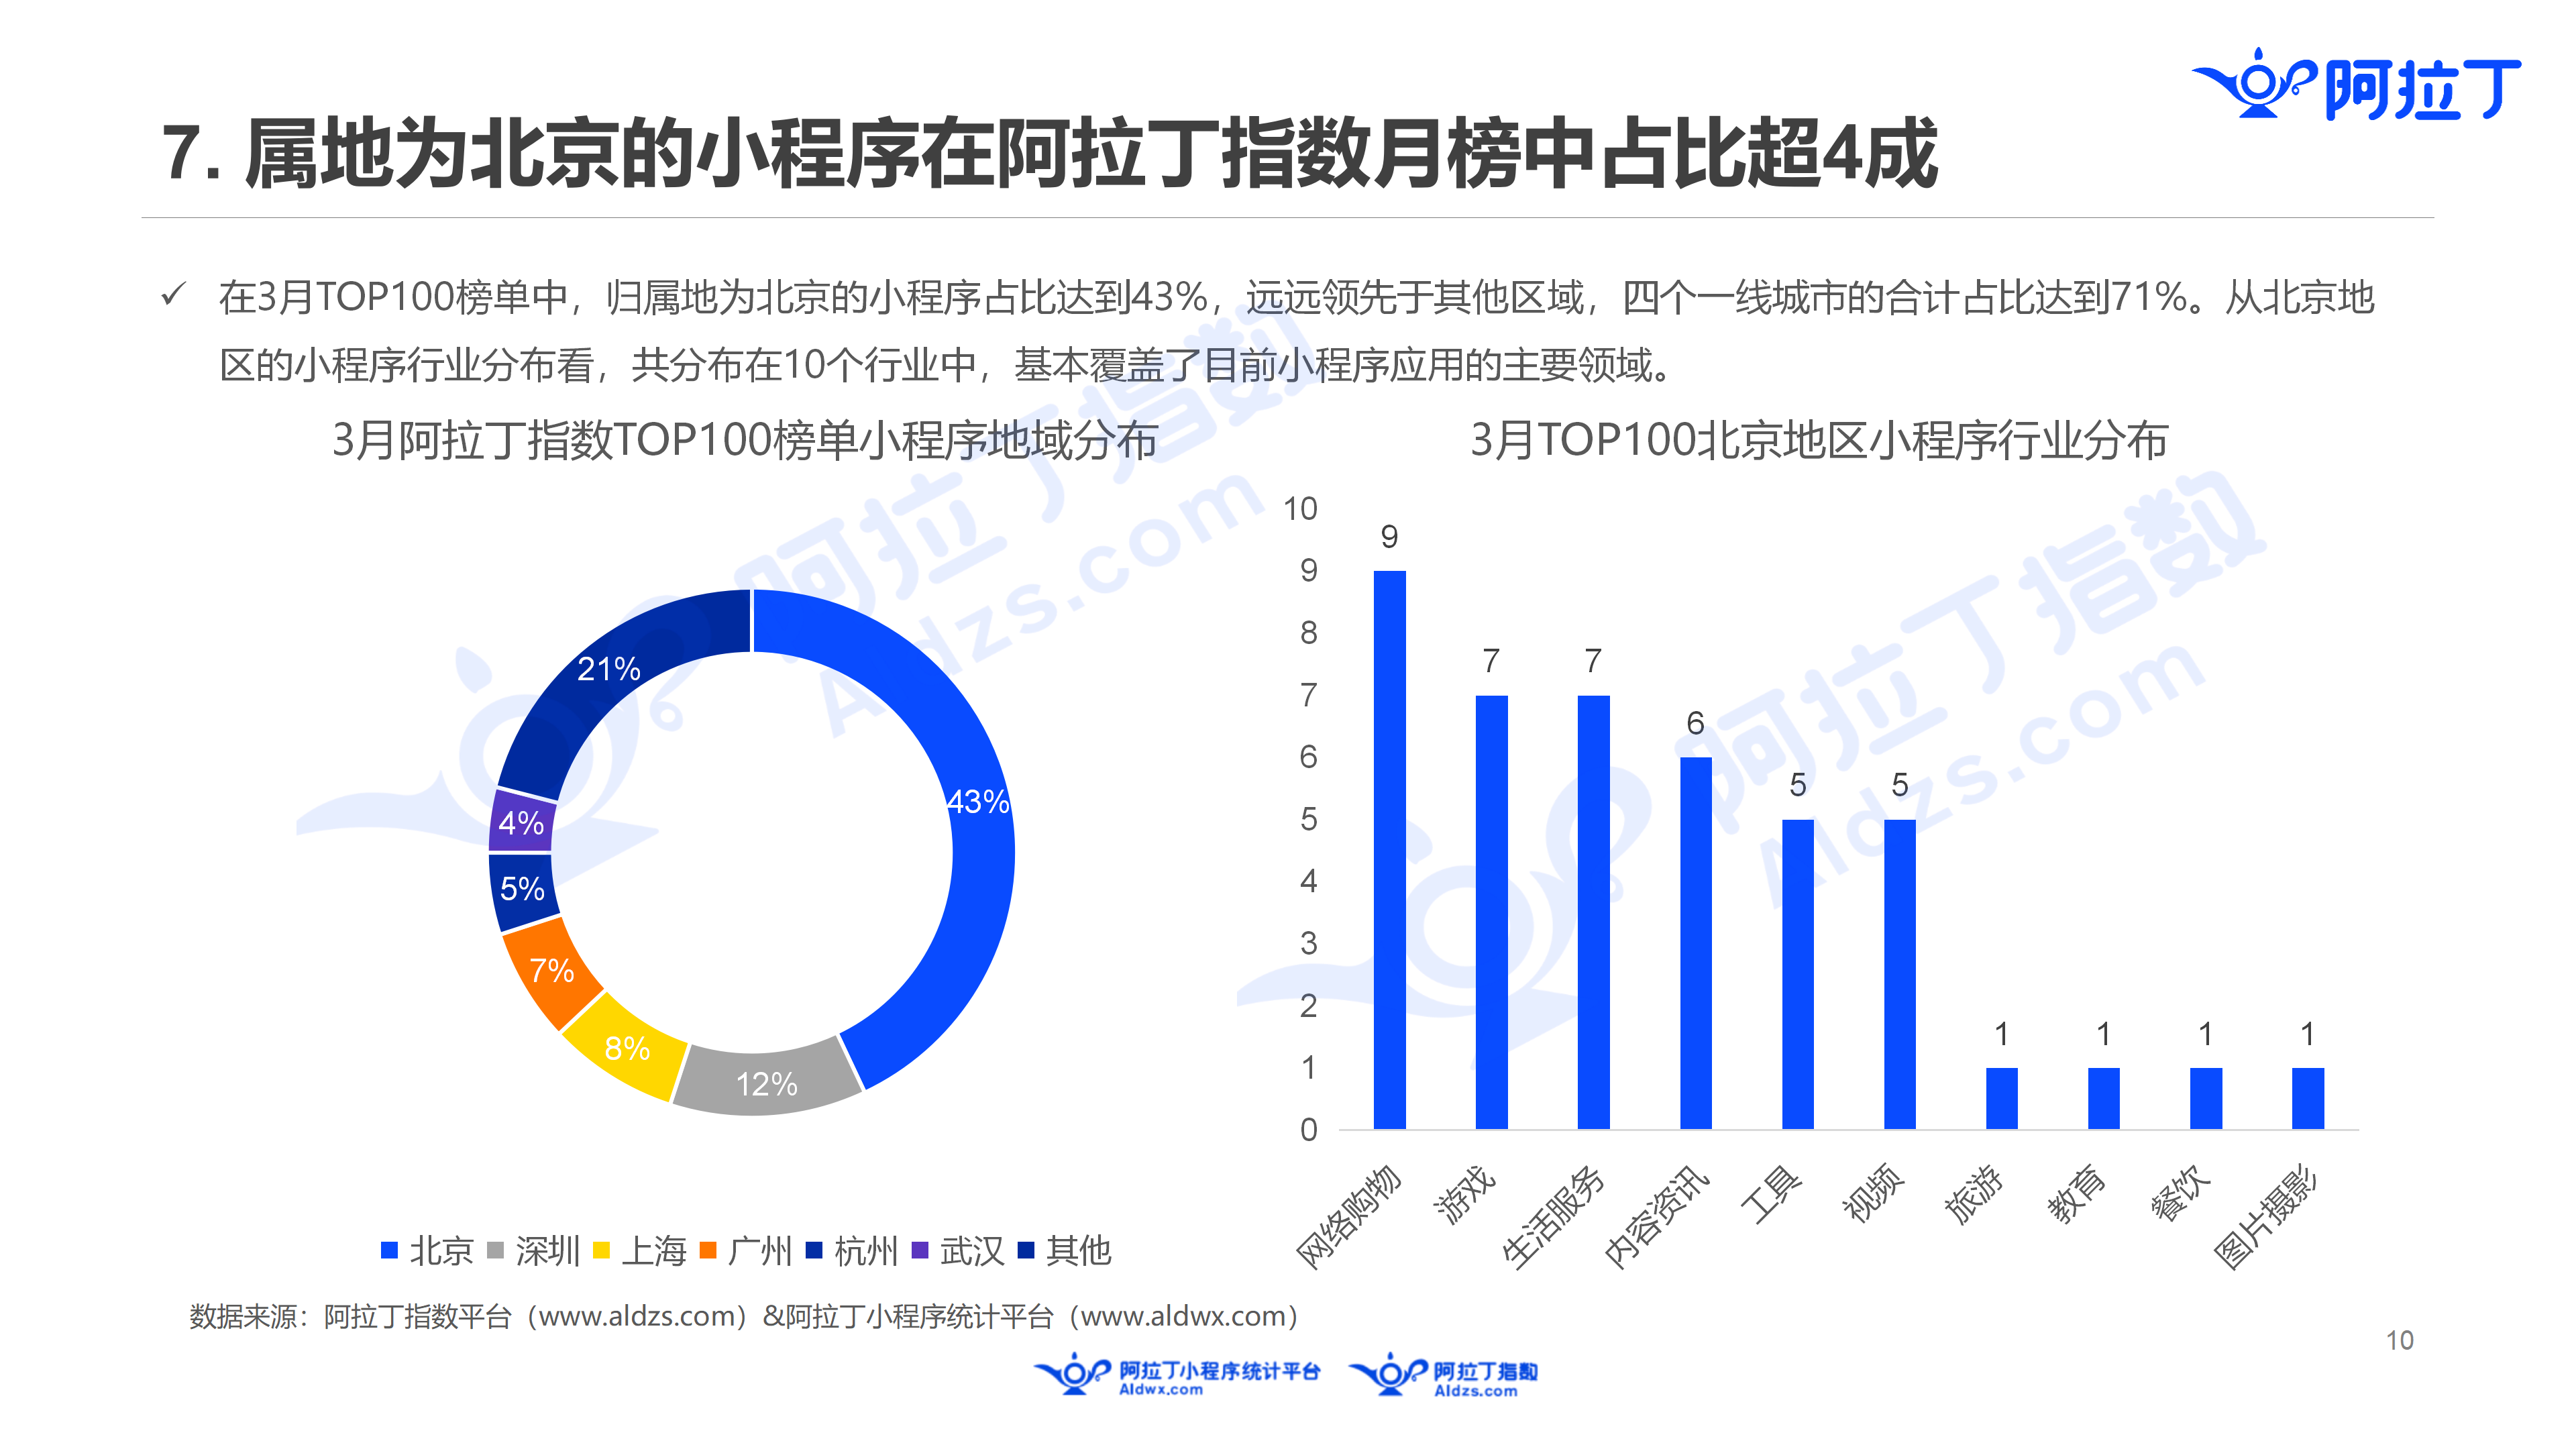 2019年3月中国小程序行业月度报告v5(1)_10.png